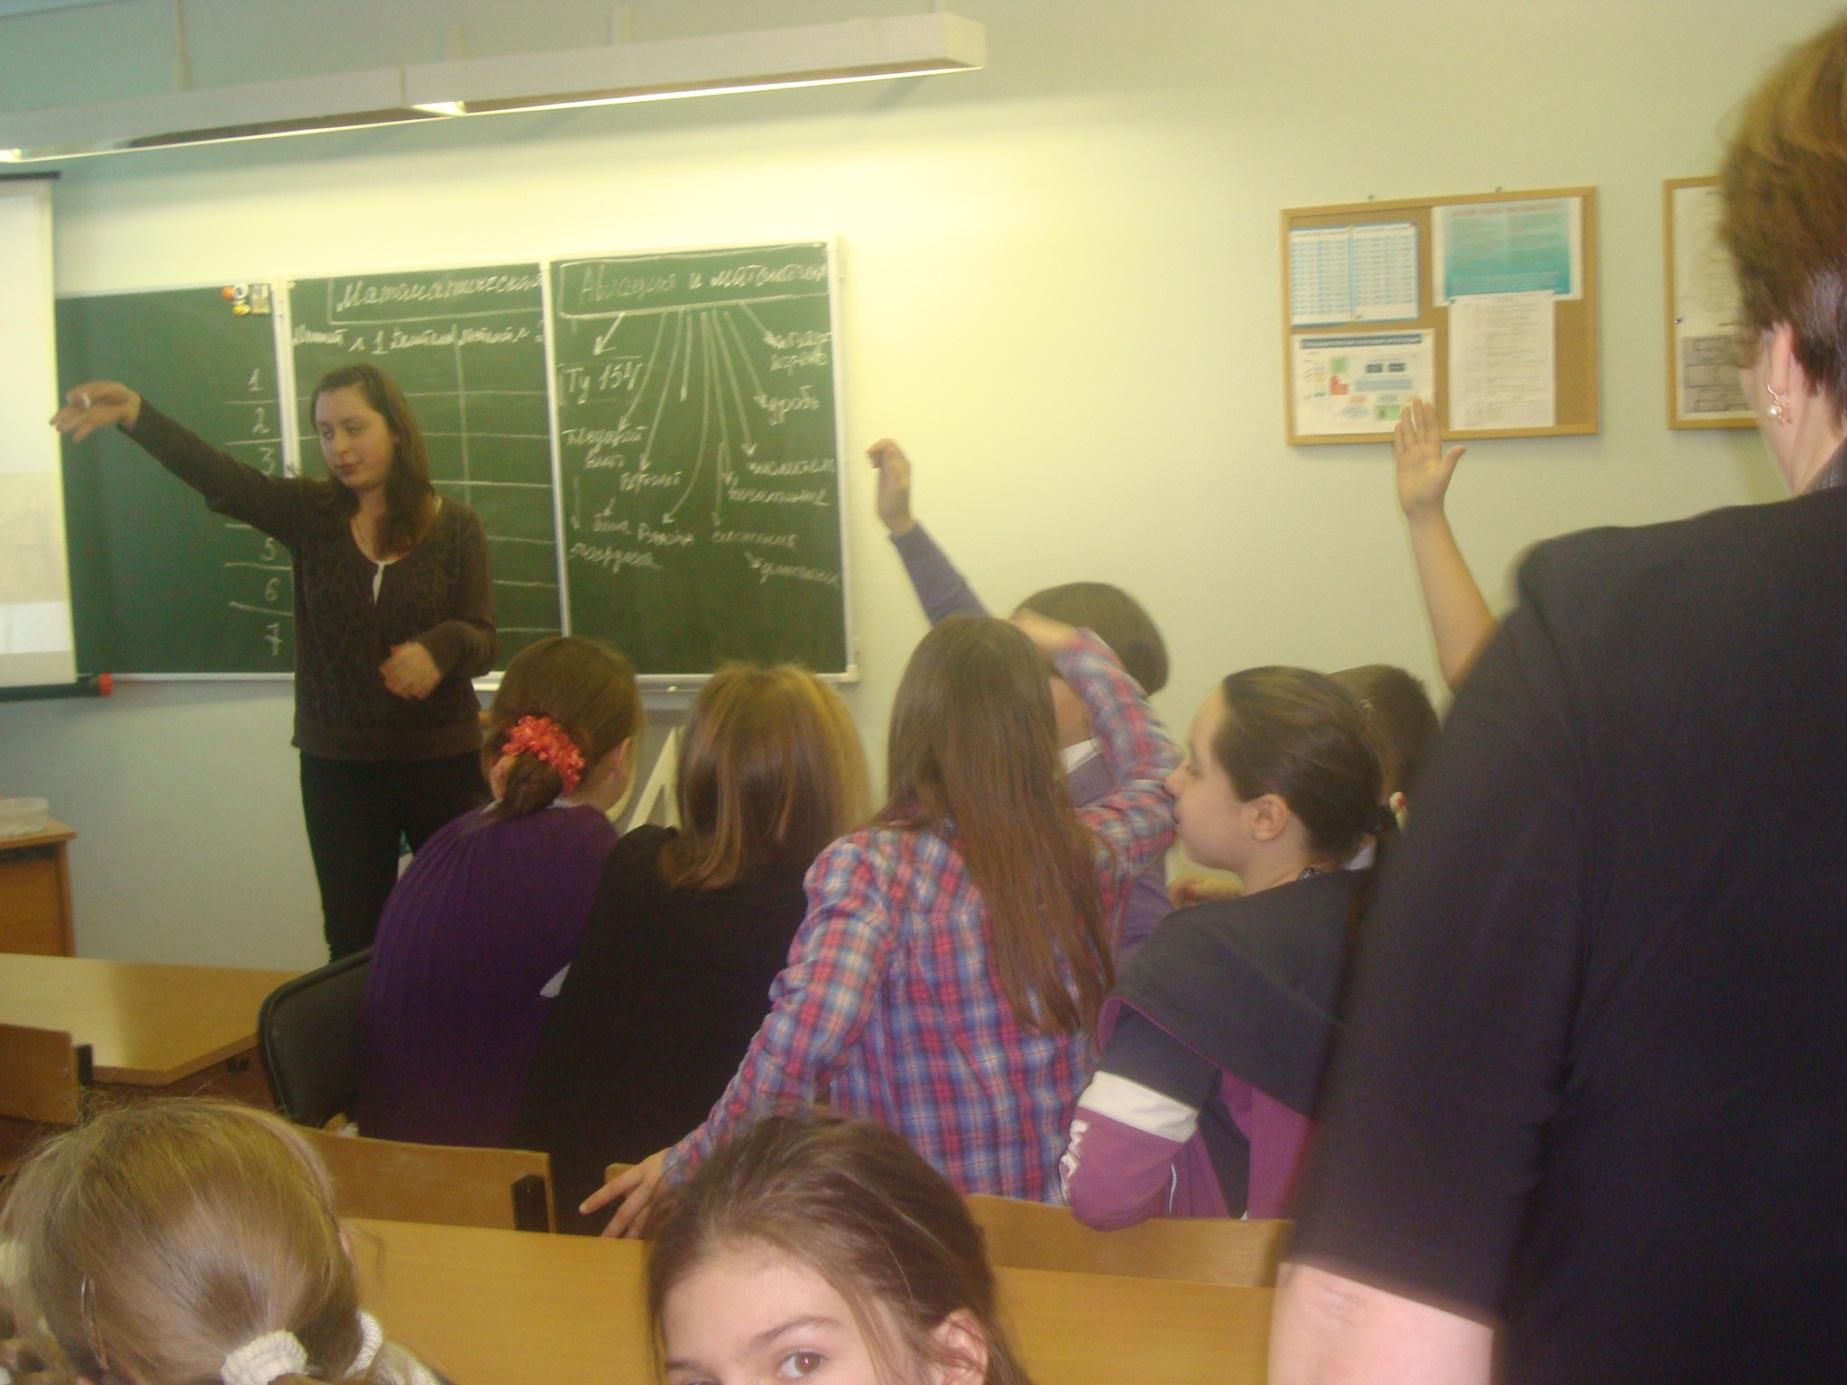 F:\ELENA O\фото\11 класс Маришкин\дни математики\Панчишко Е.О\DSC03566.JPG